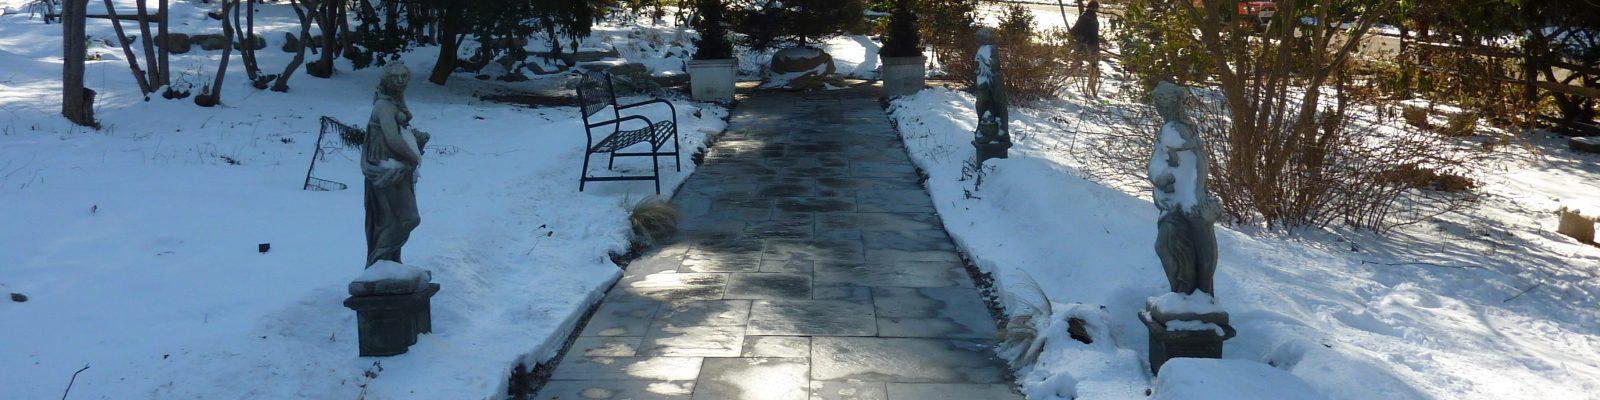 cropped-2011-02-23_Meadowbrook_02_JAS_P1030004.jpg